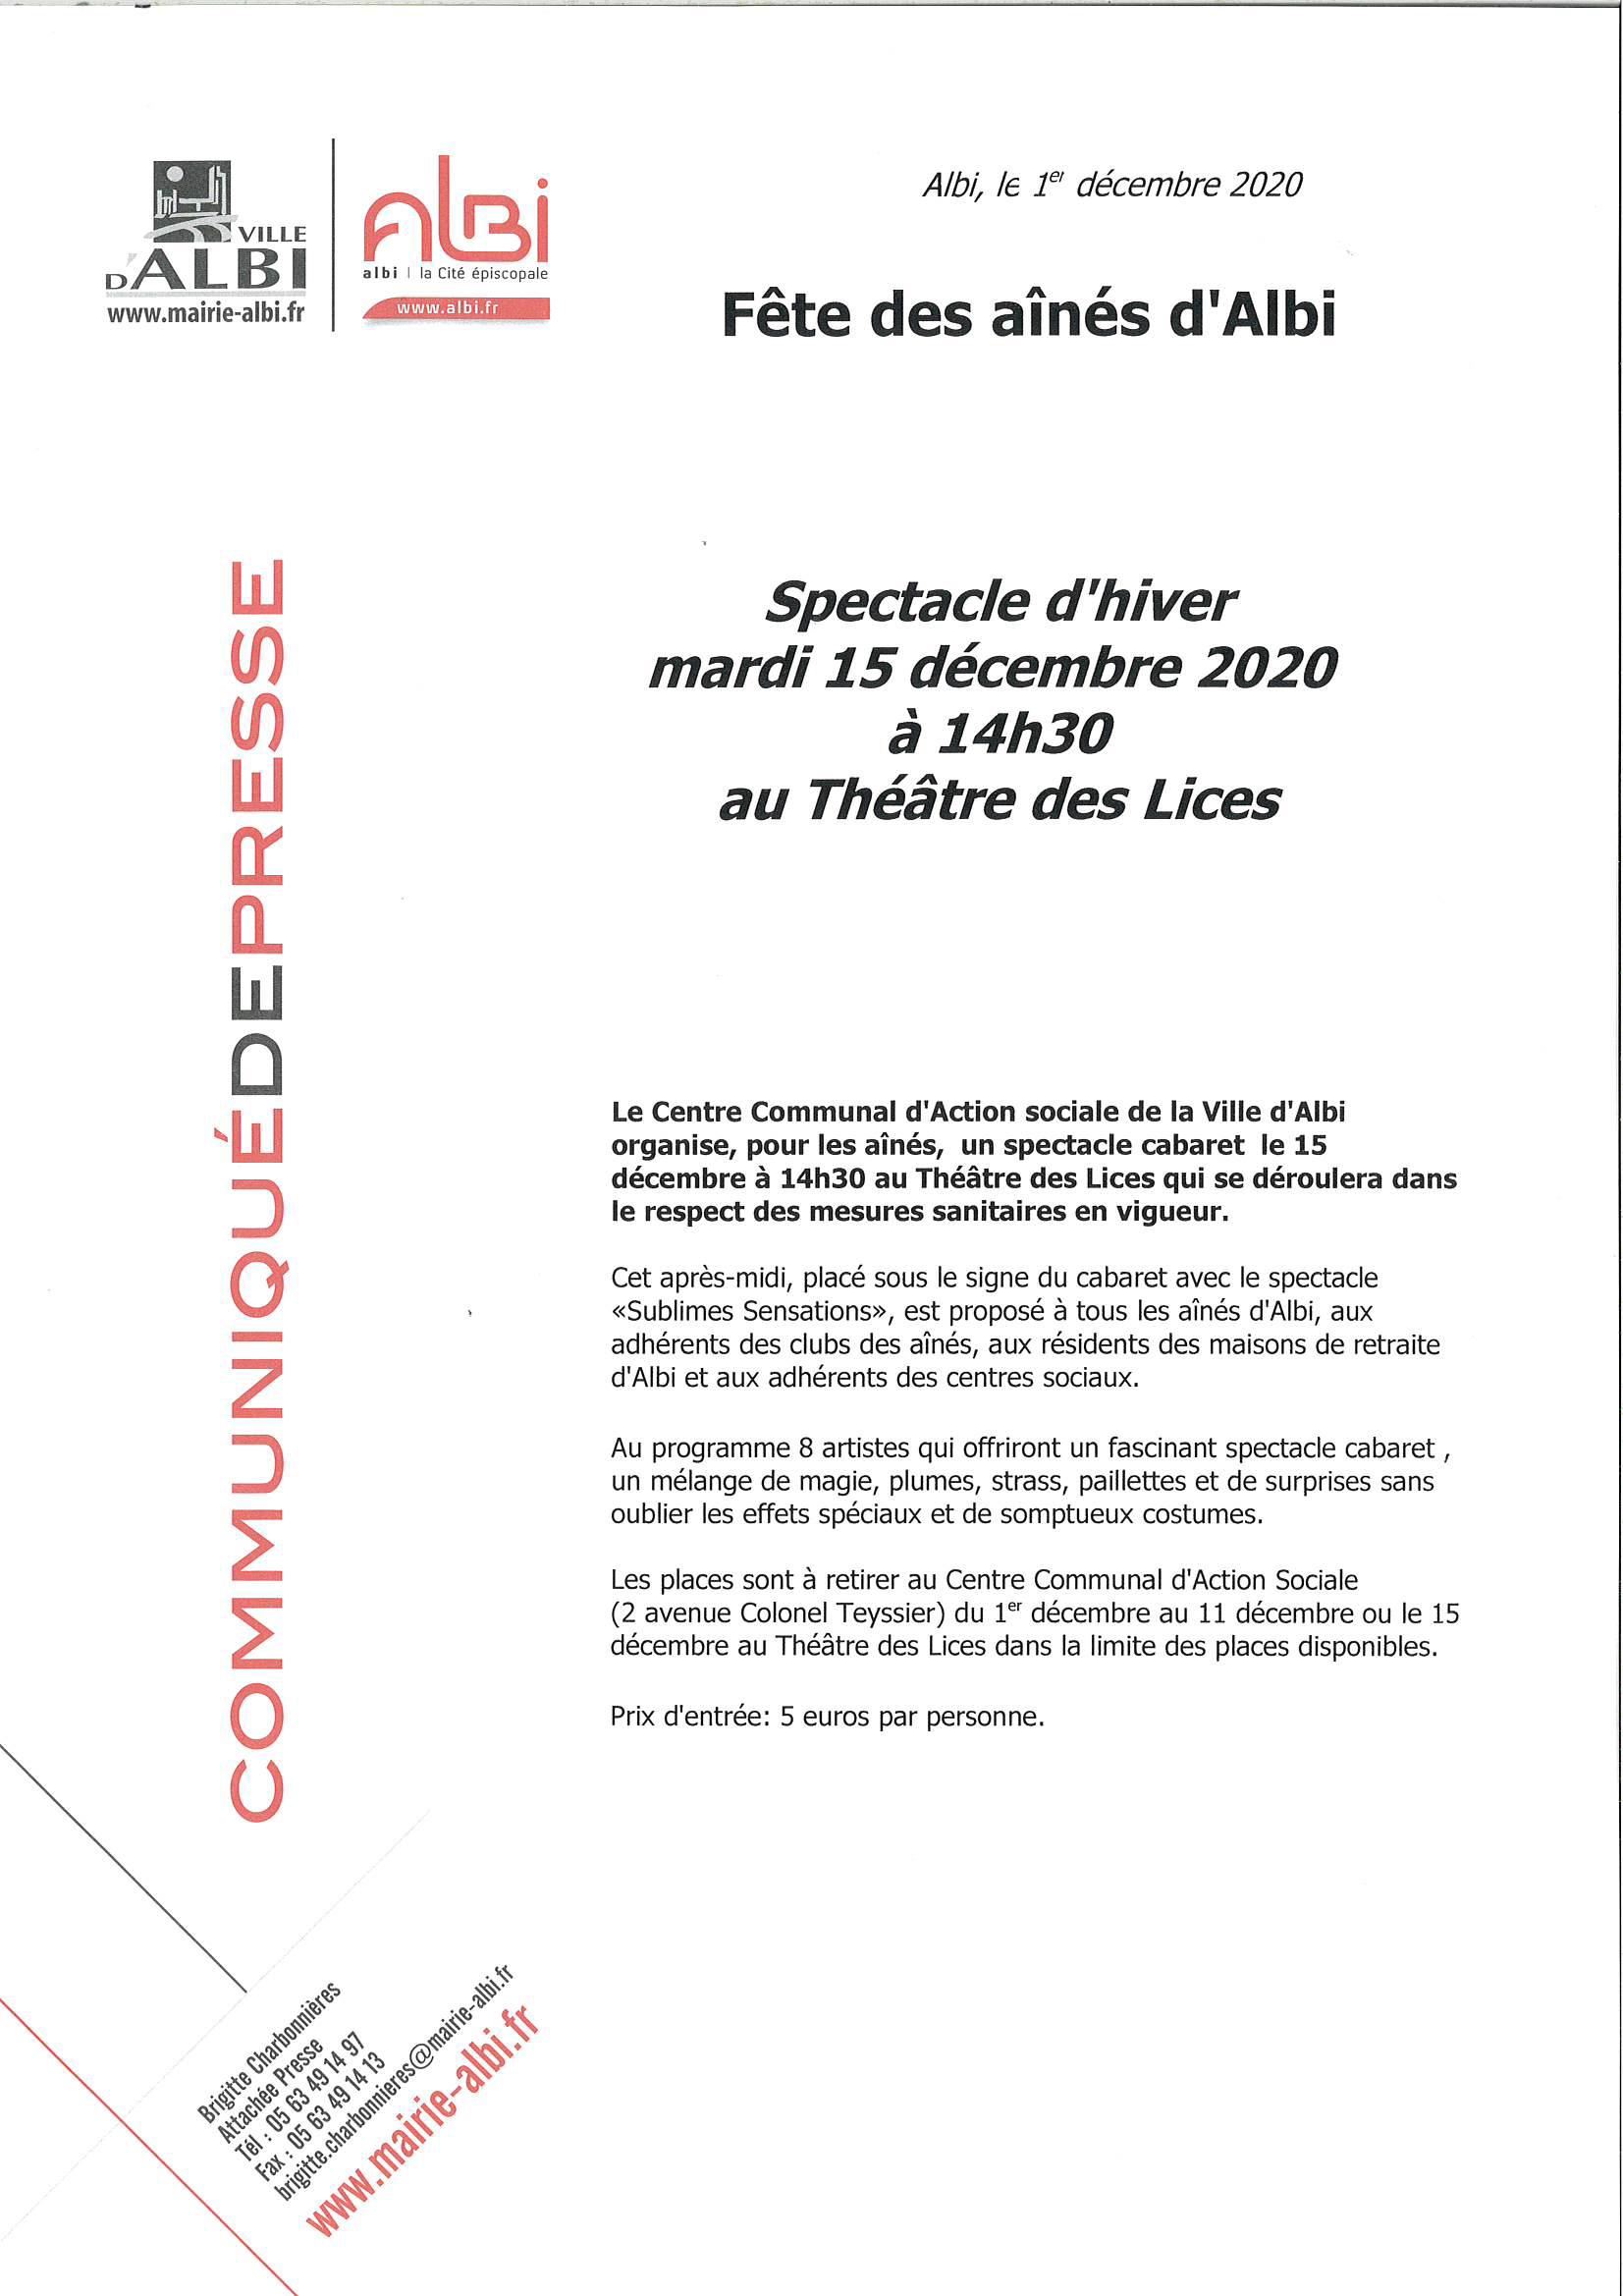 communiqué de presse : Fête des Aînés 15 décembre 2020 au Théâtre des Lices